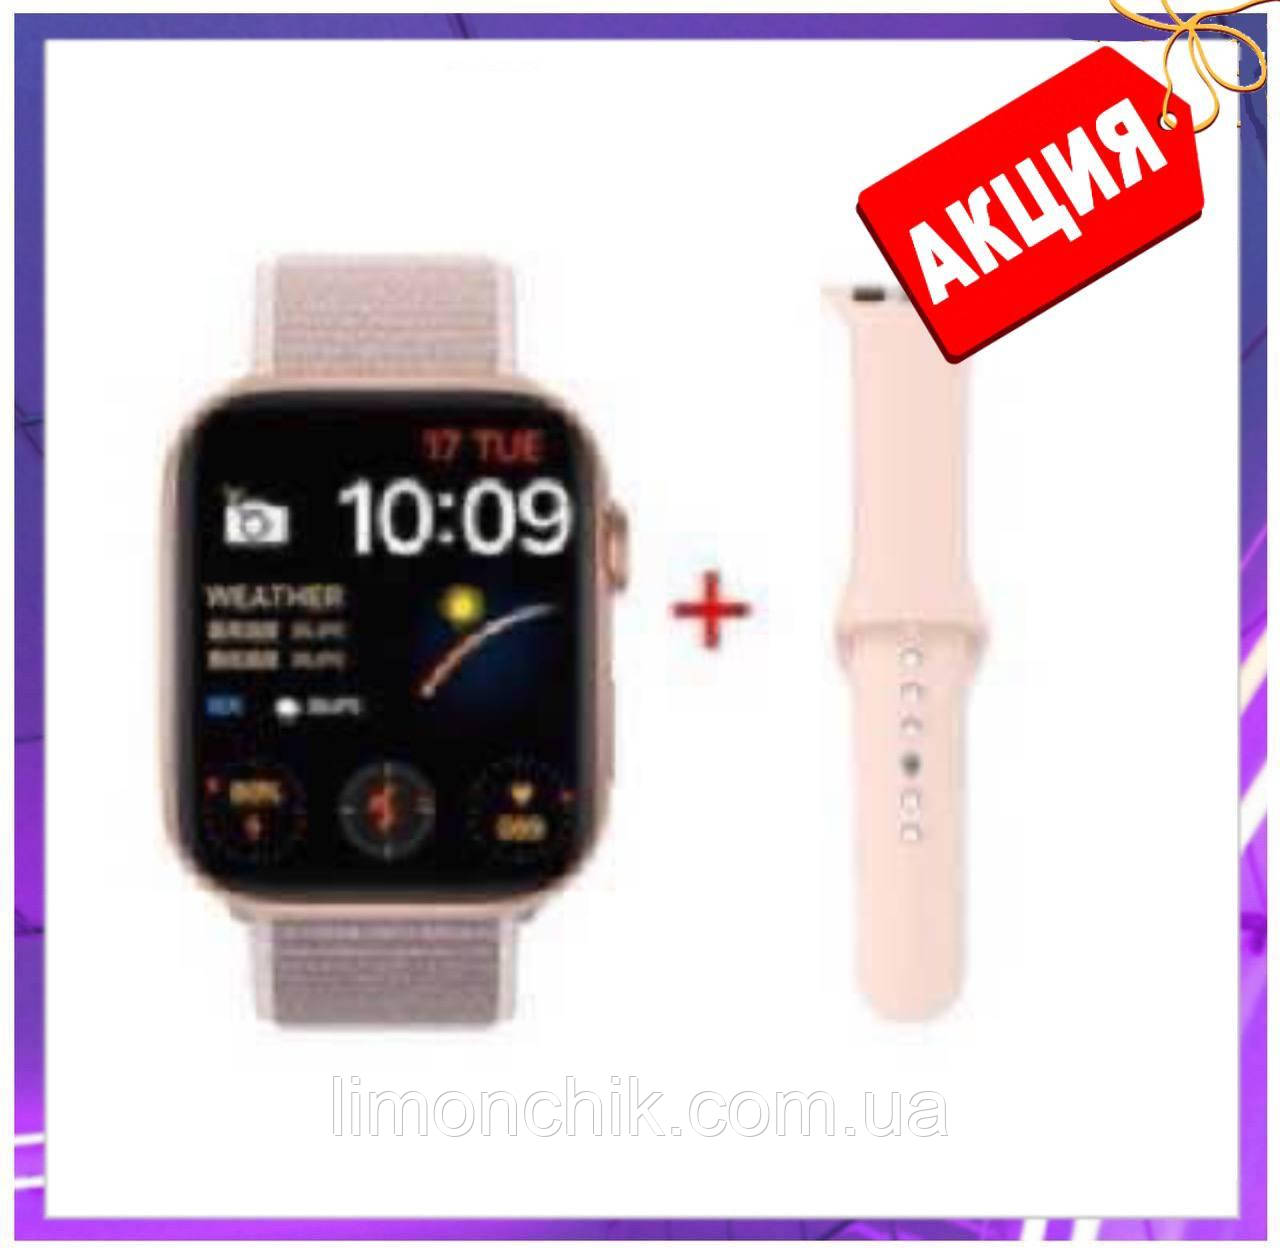 Умные смарт часы Smart Watch FK-88 сенсорные наручные пульсометр шагометр фитнесс трекер золото